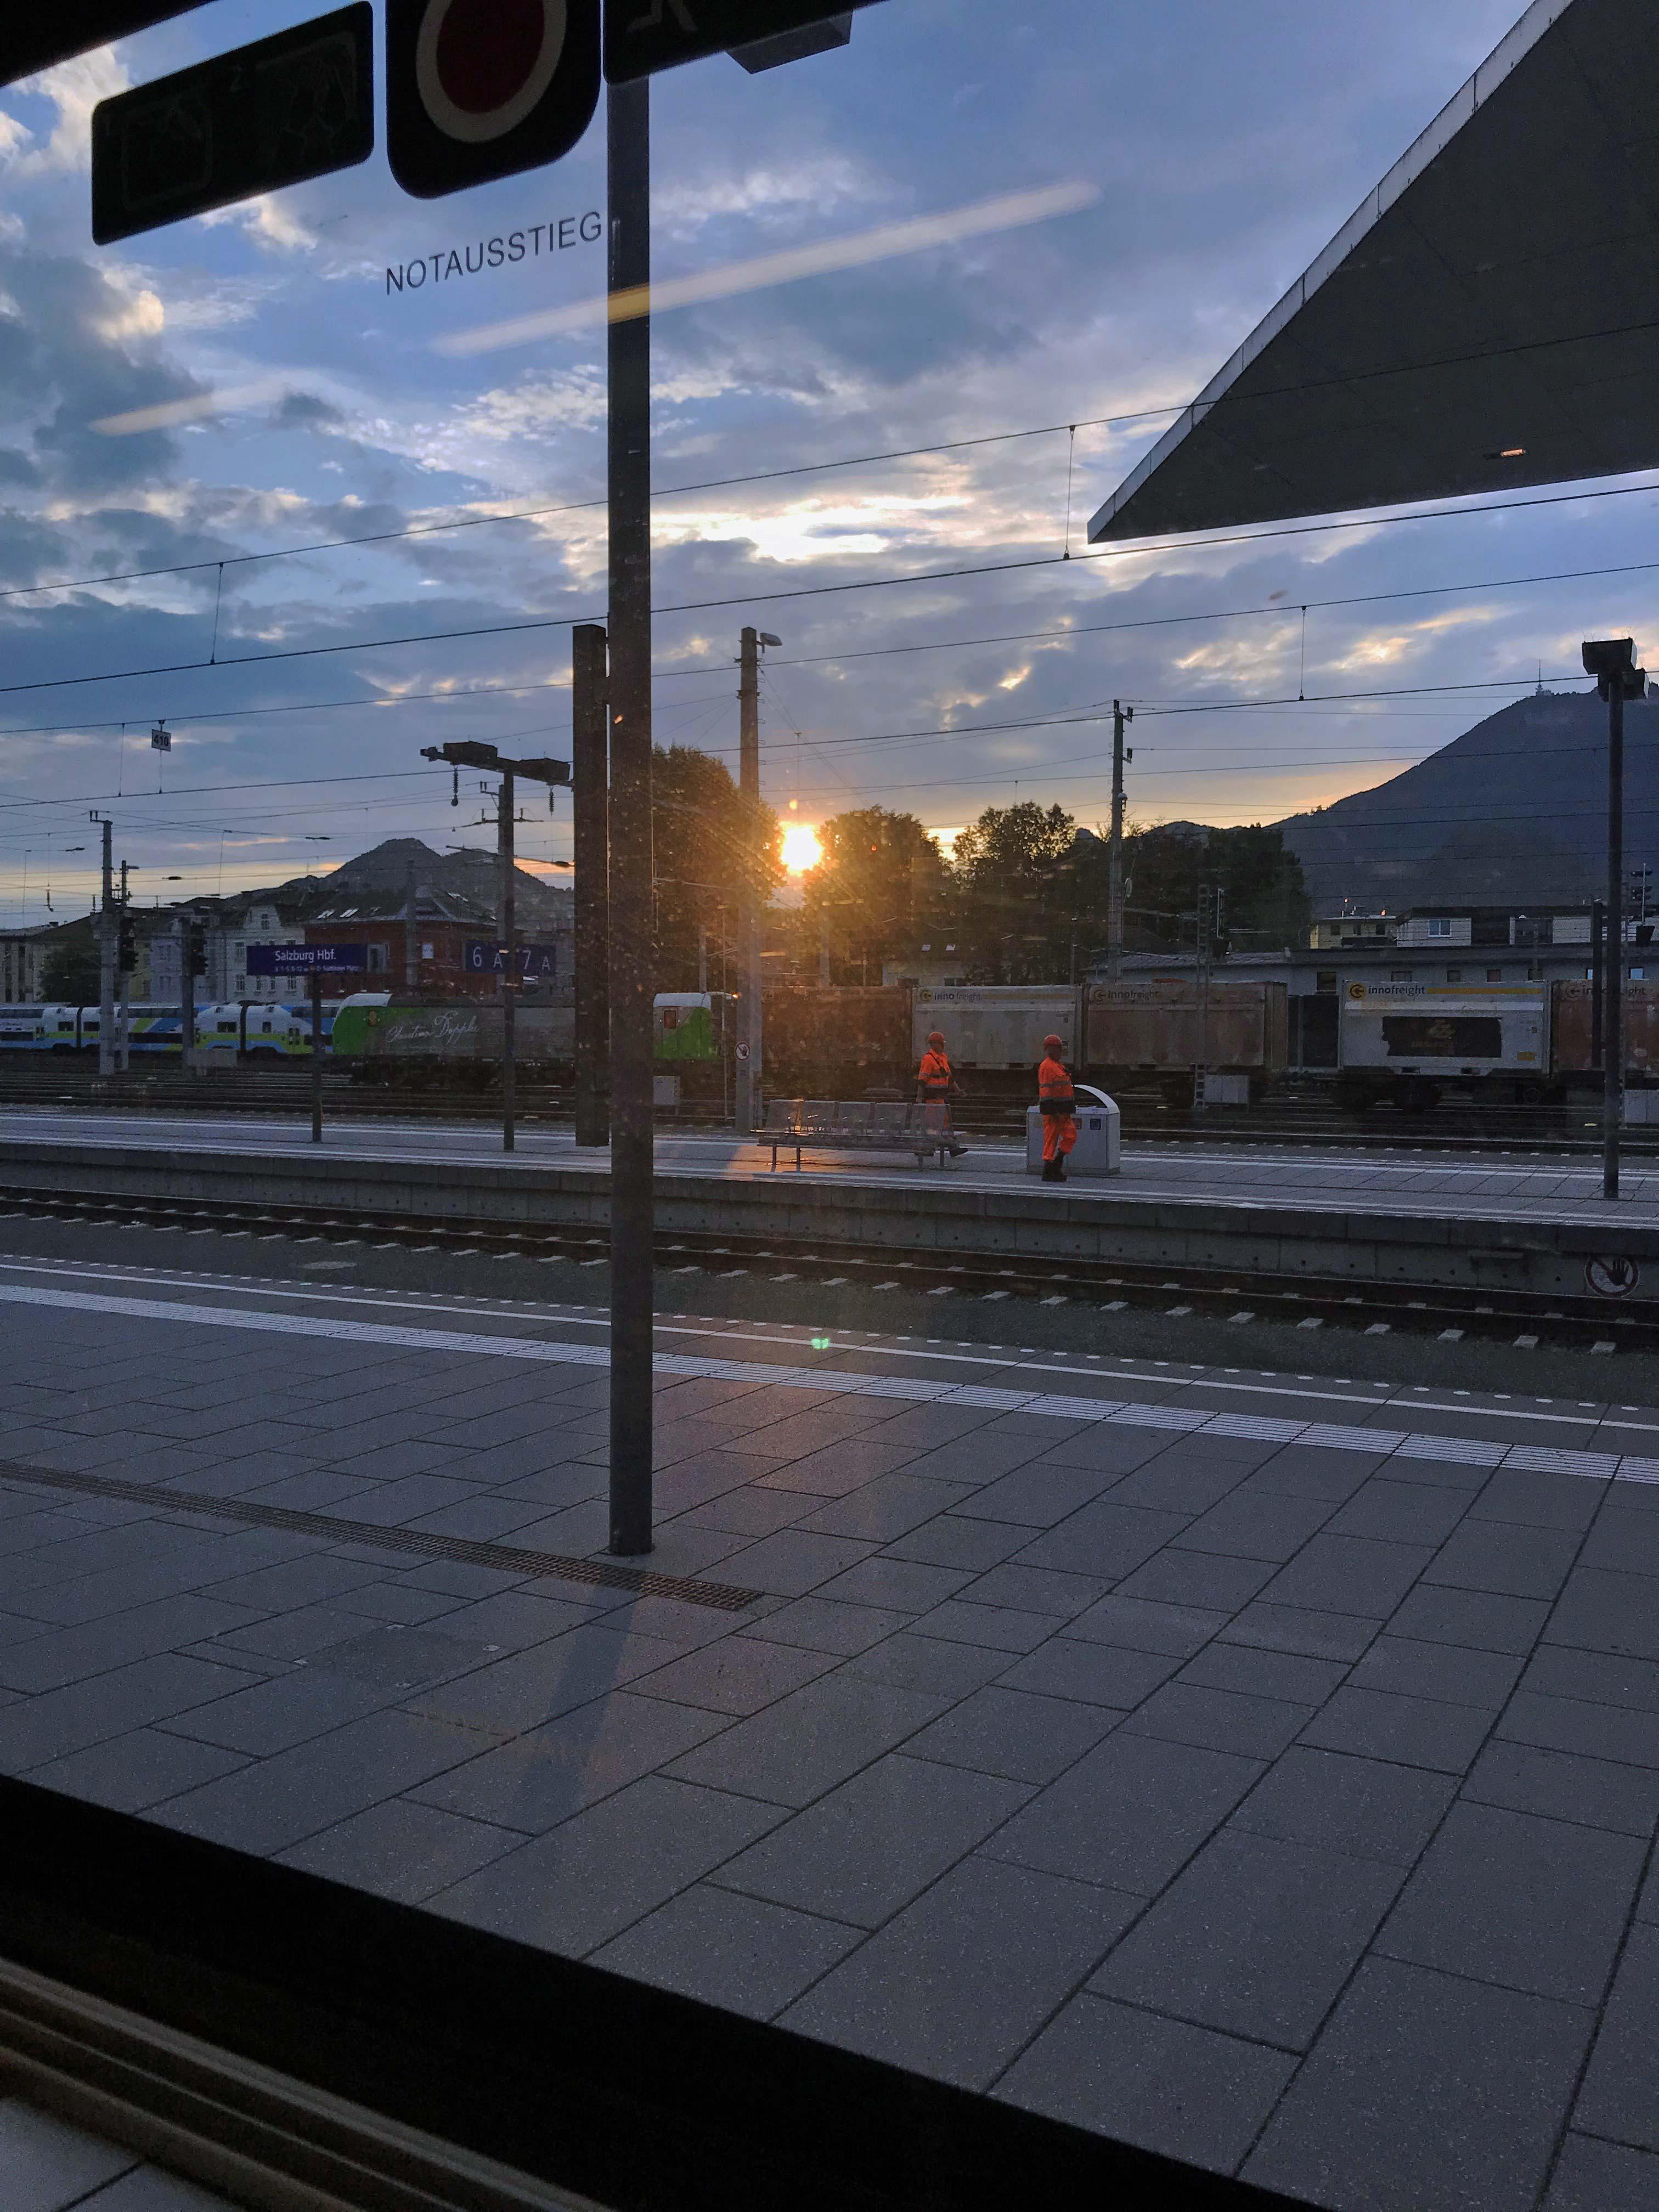 Mit dem richtigen Equipment hast du Zeit den Sonnenaufgang im Zug zu genießen